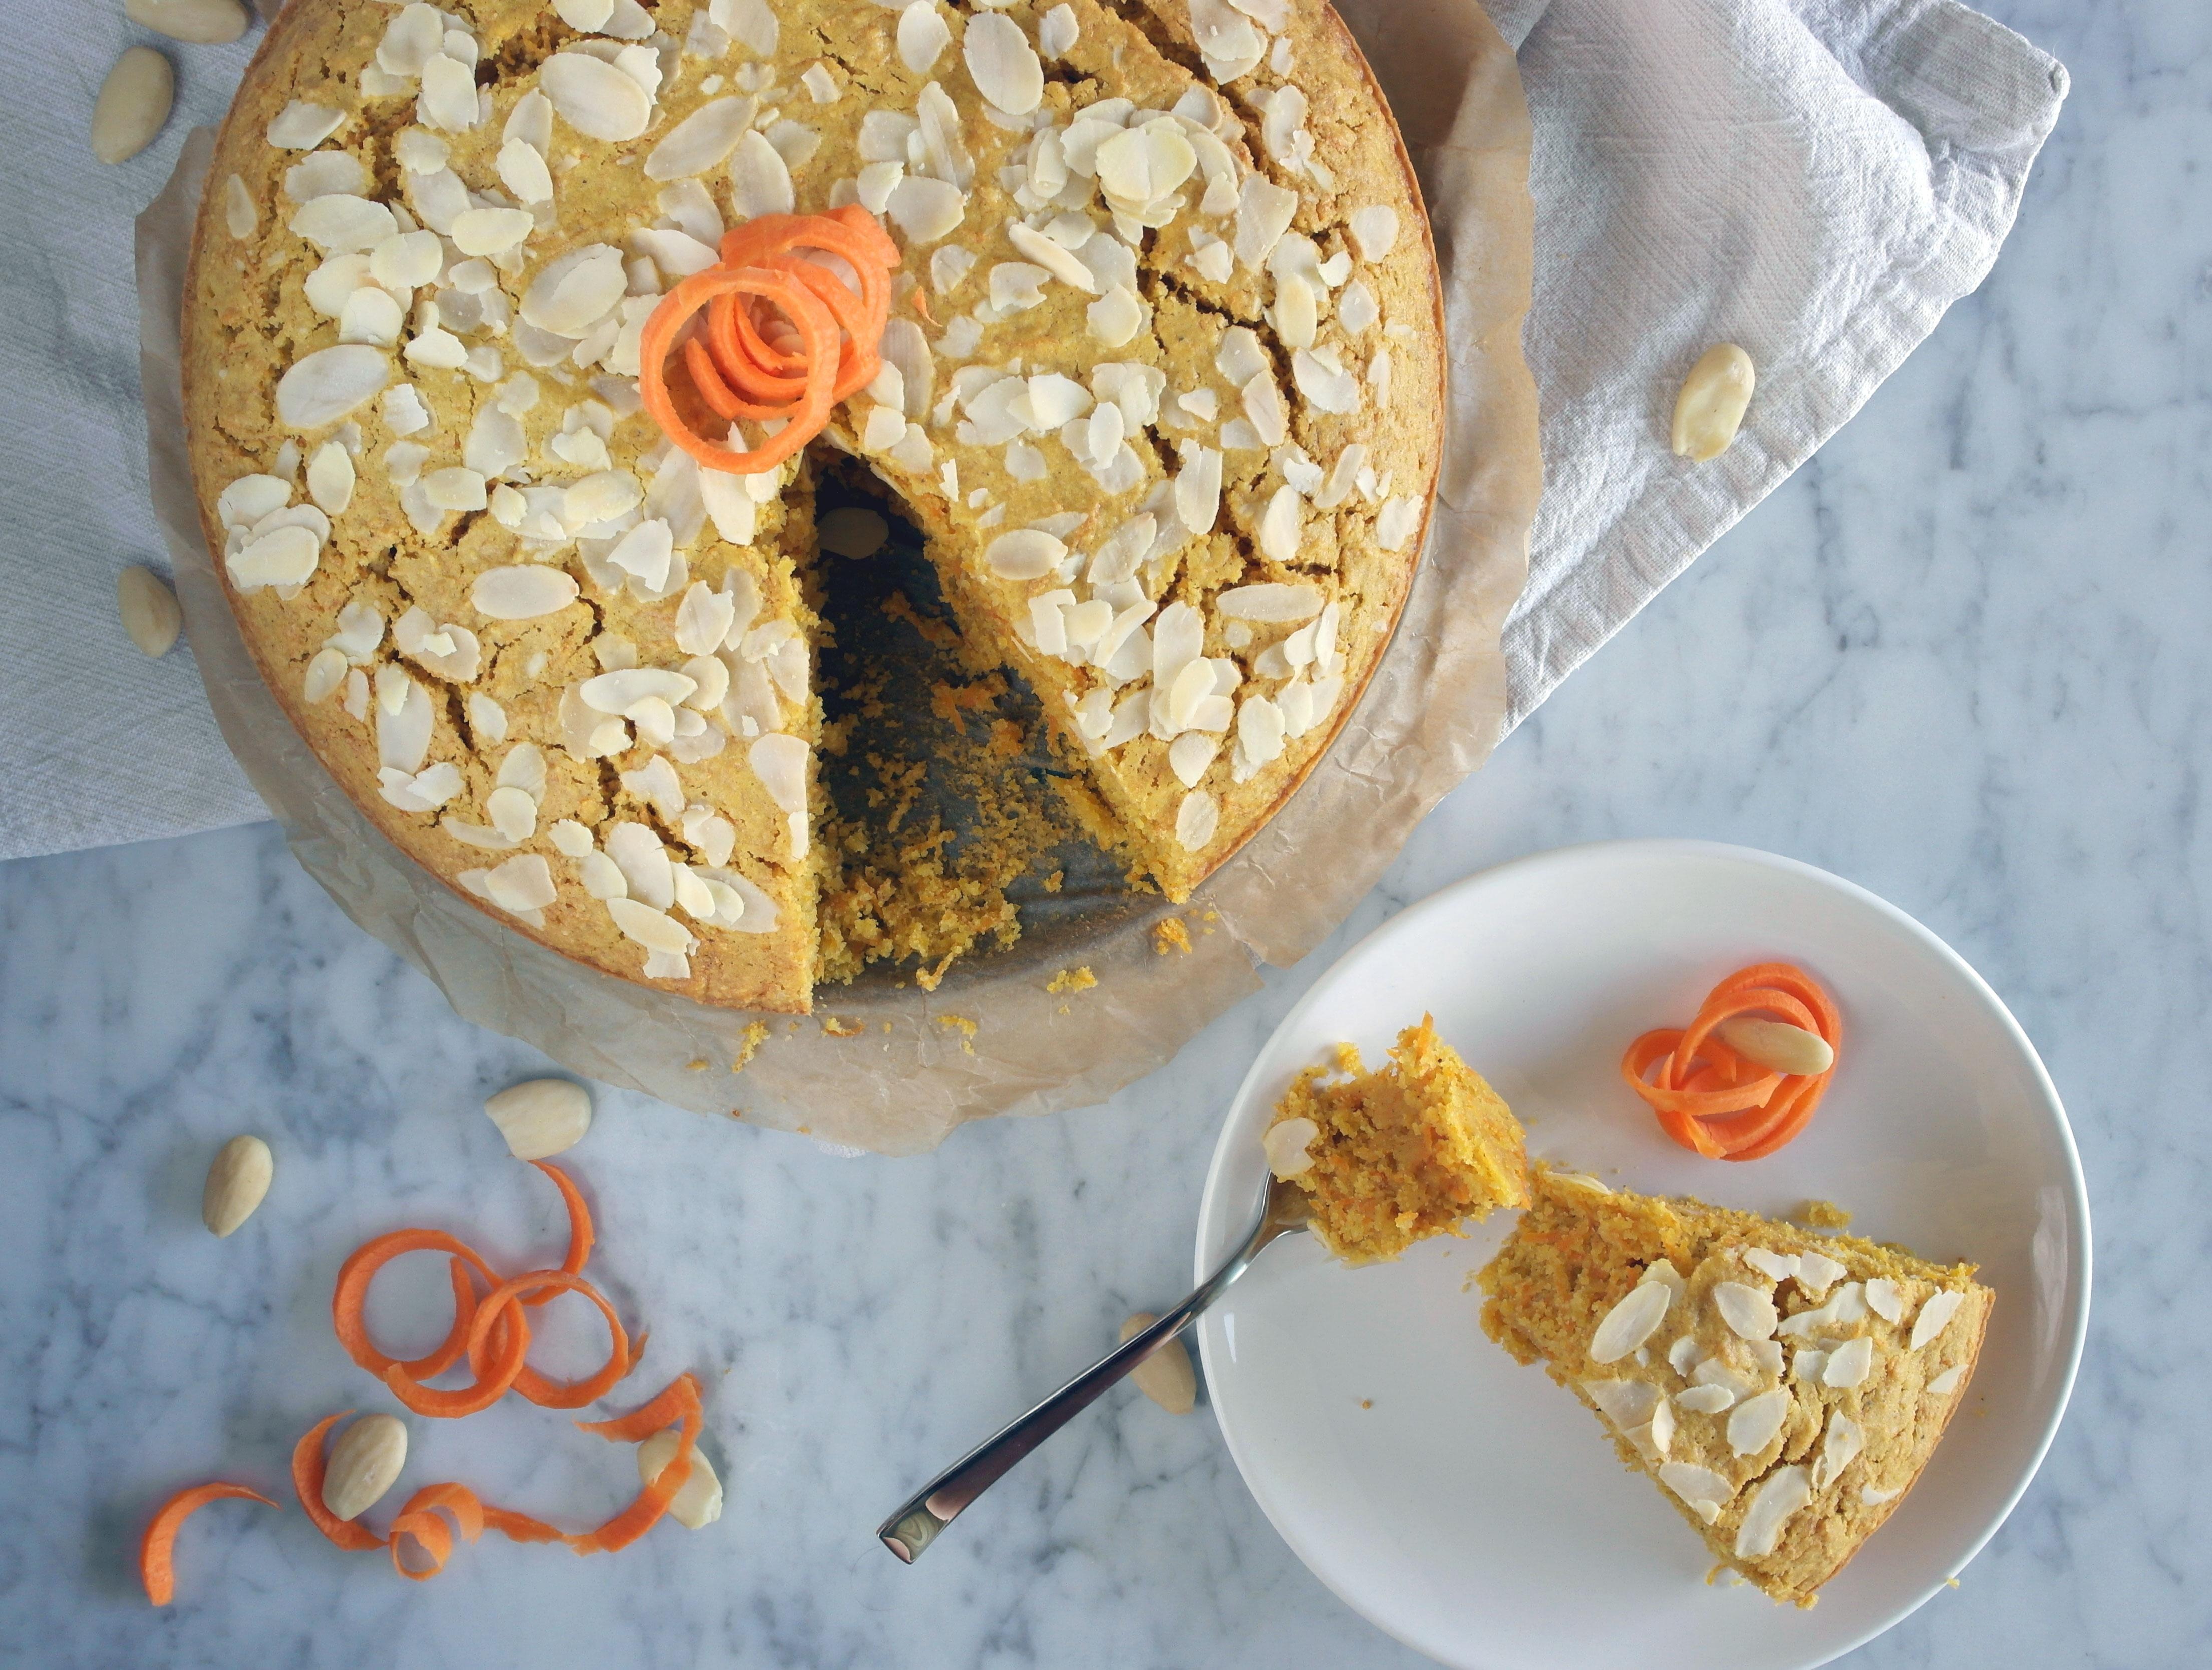 torta di carote senza glutine senza latticini low fodmap